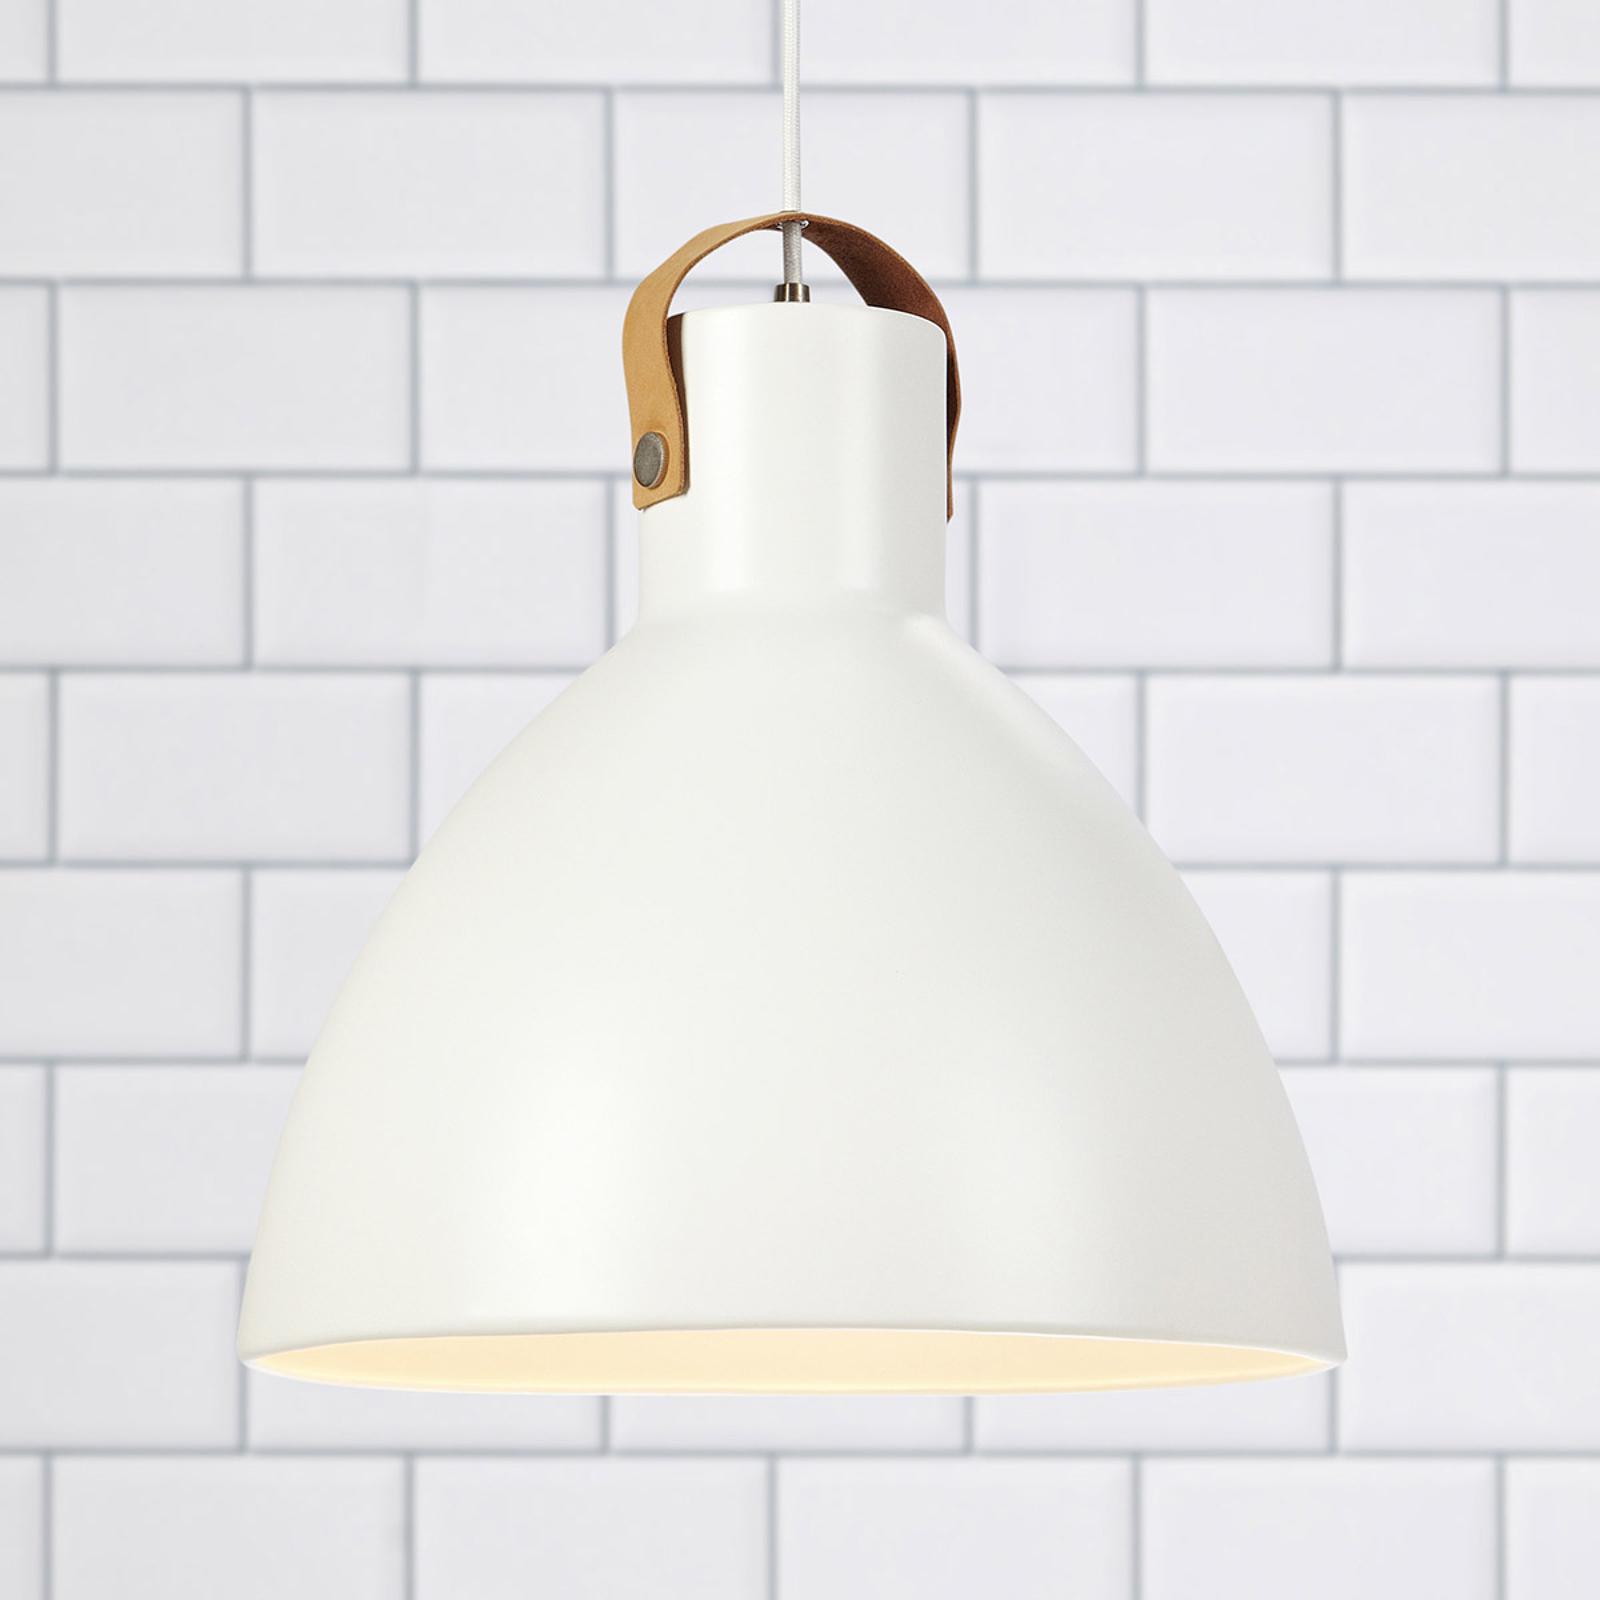 Lampa wisząca Eagle metalowy klosz Ø 35 cm biała